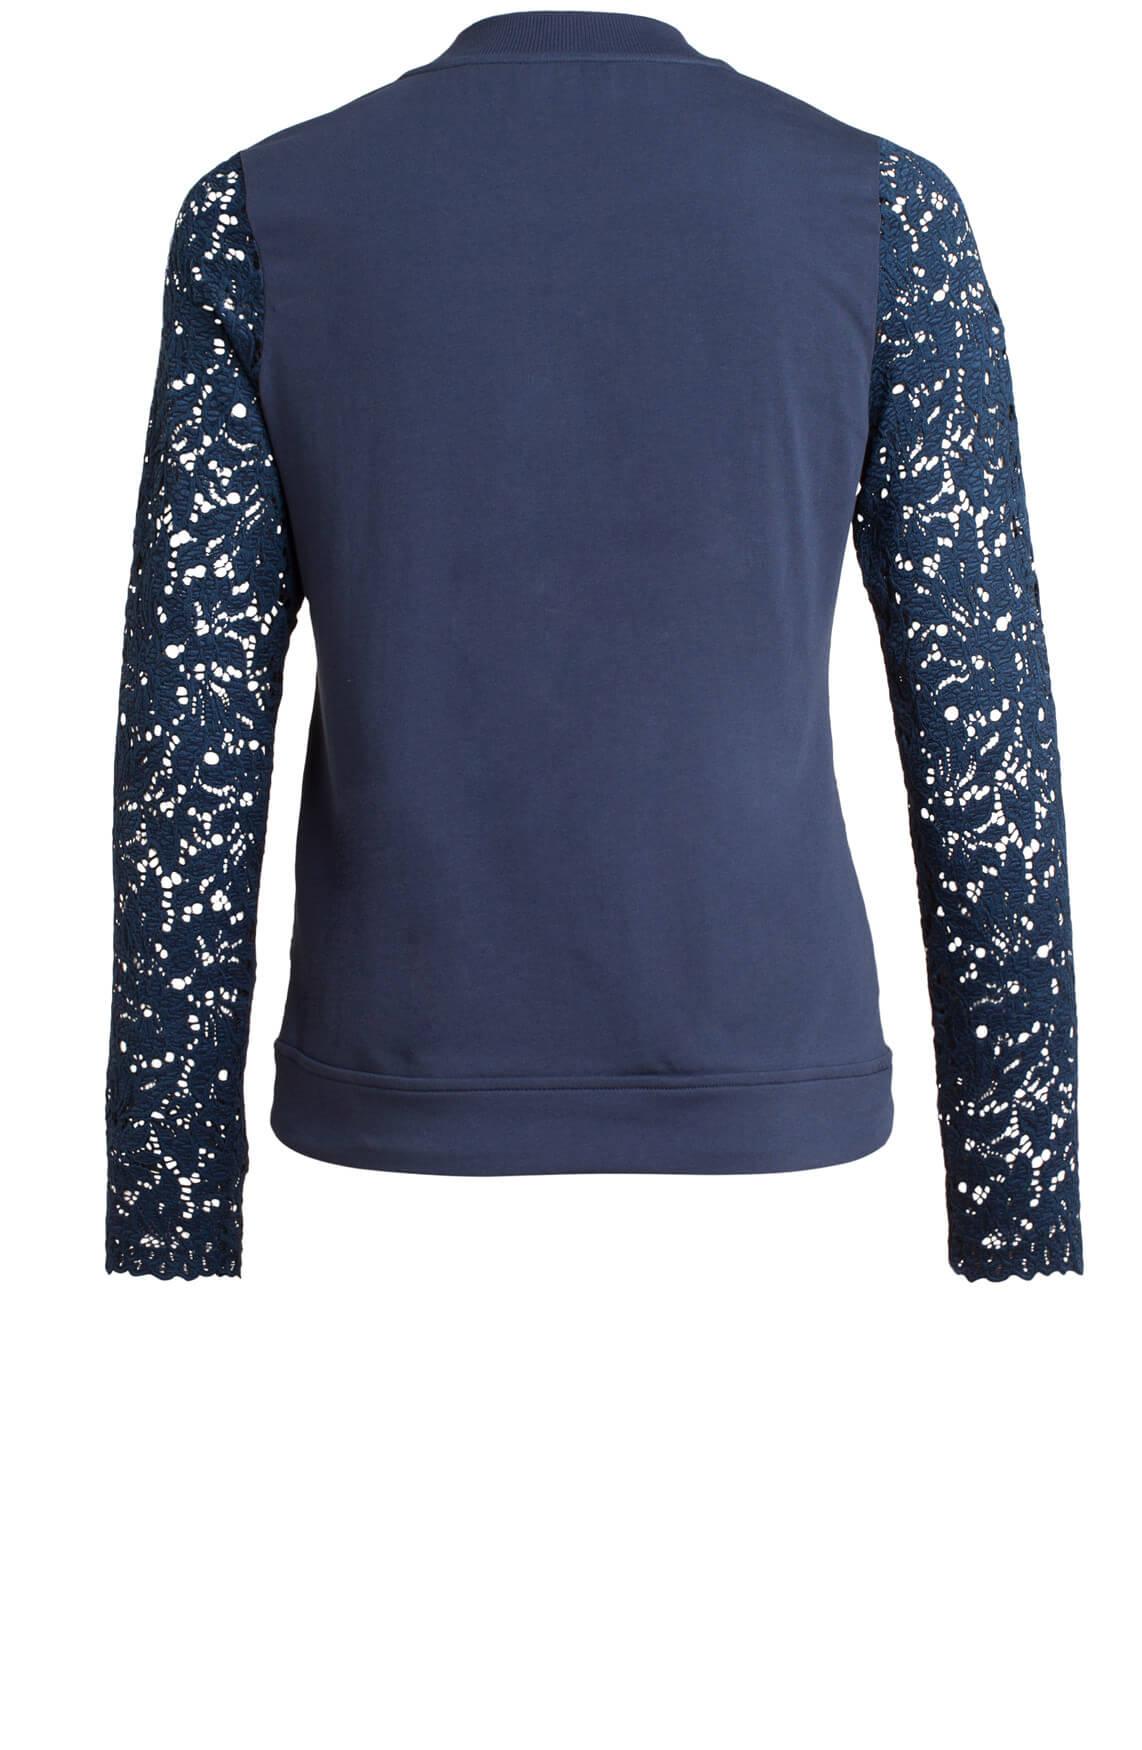 Anna Dames Shirt met kant